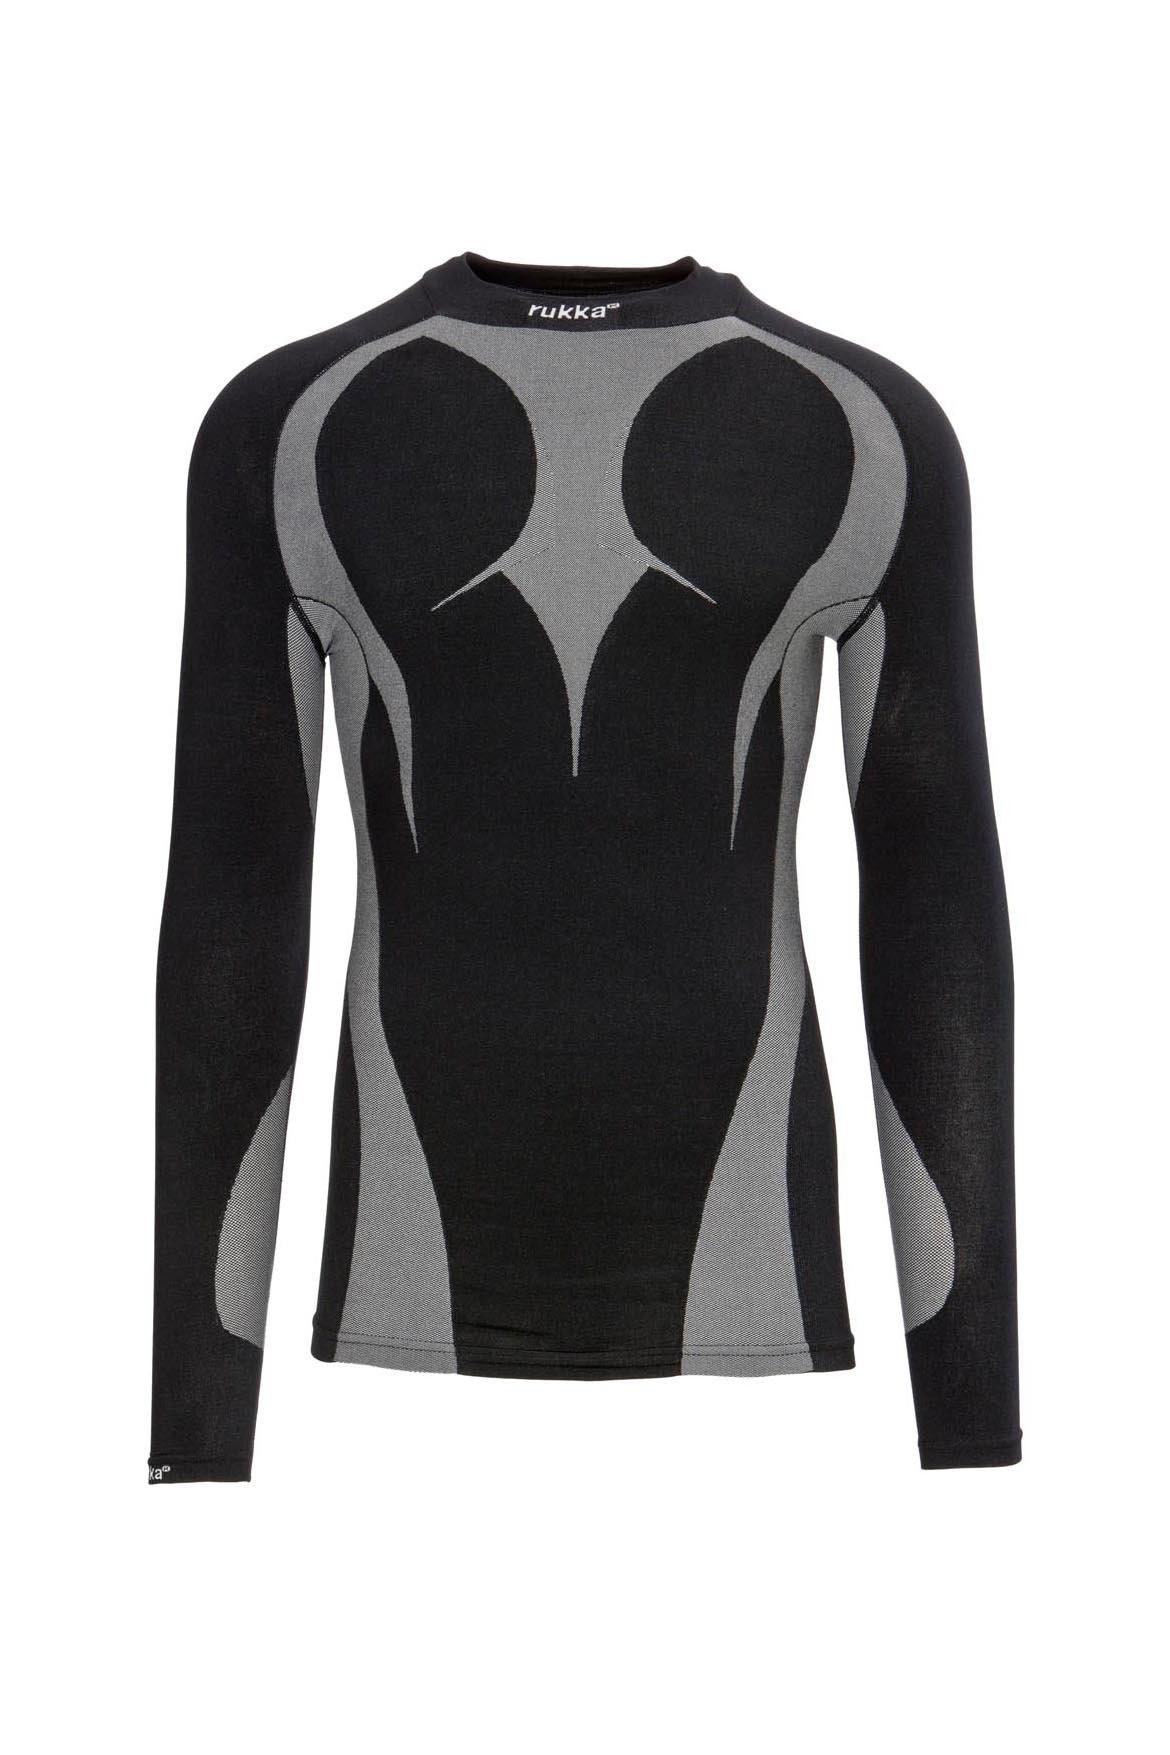 Thermoshirt, schwarz